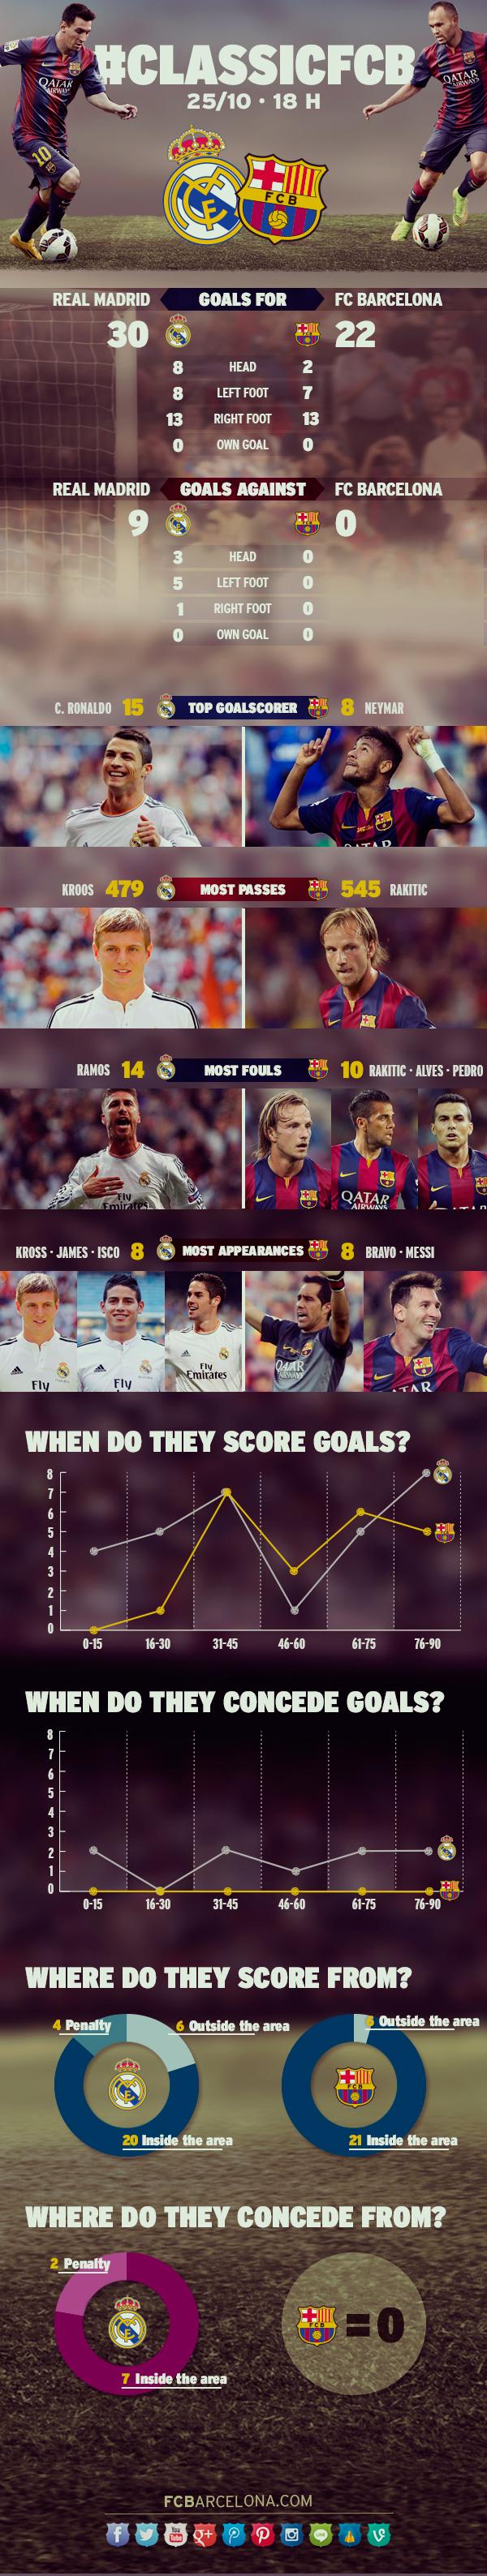 Реал - Барселона. Интересные факты перед матчем - изображение 1